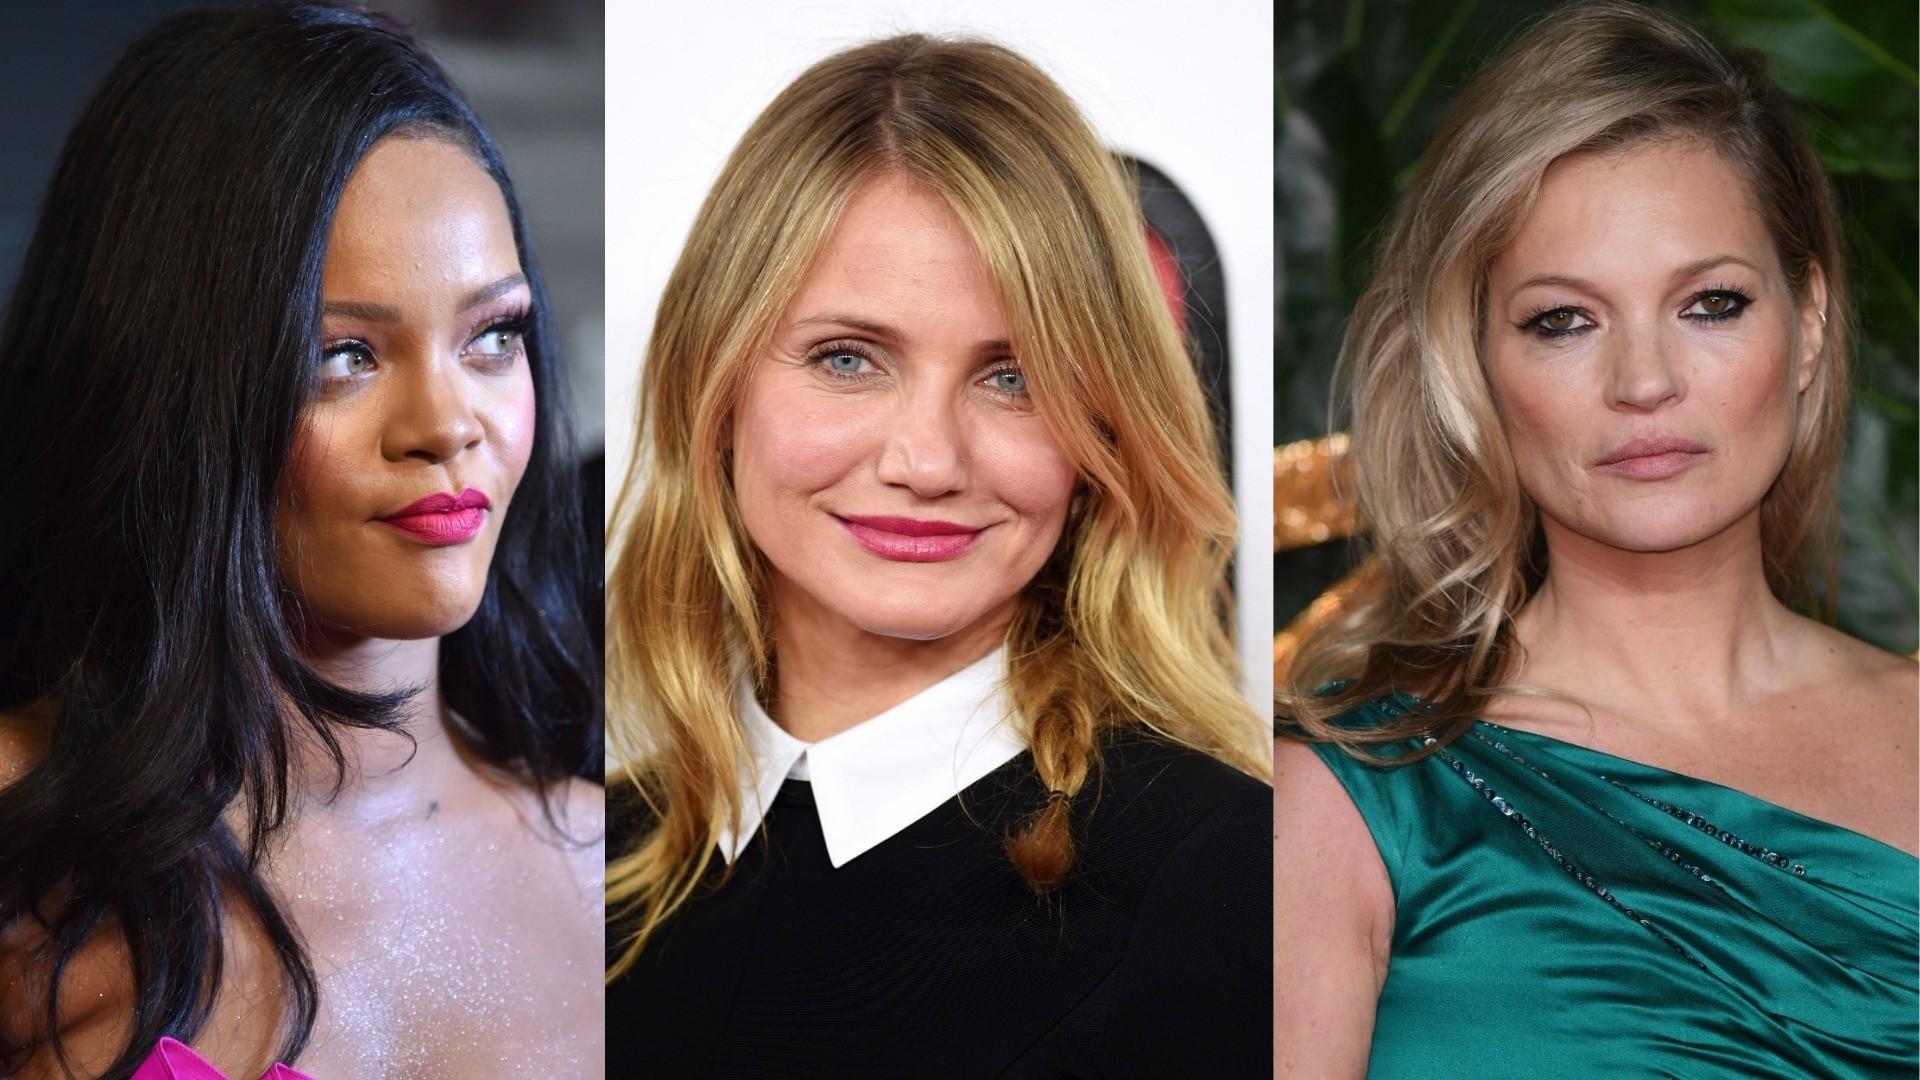 Ты не одинока: 5 голливудских красавиц, у которых тоже есть проблемы с кожей